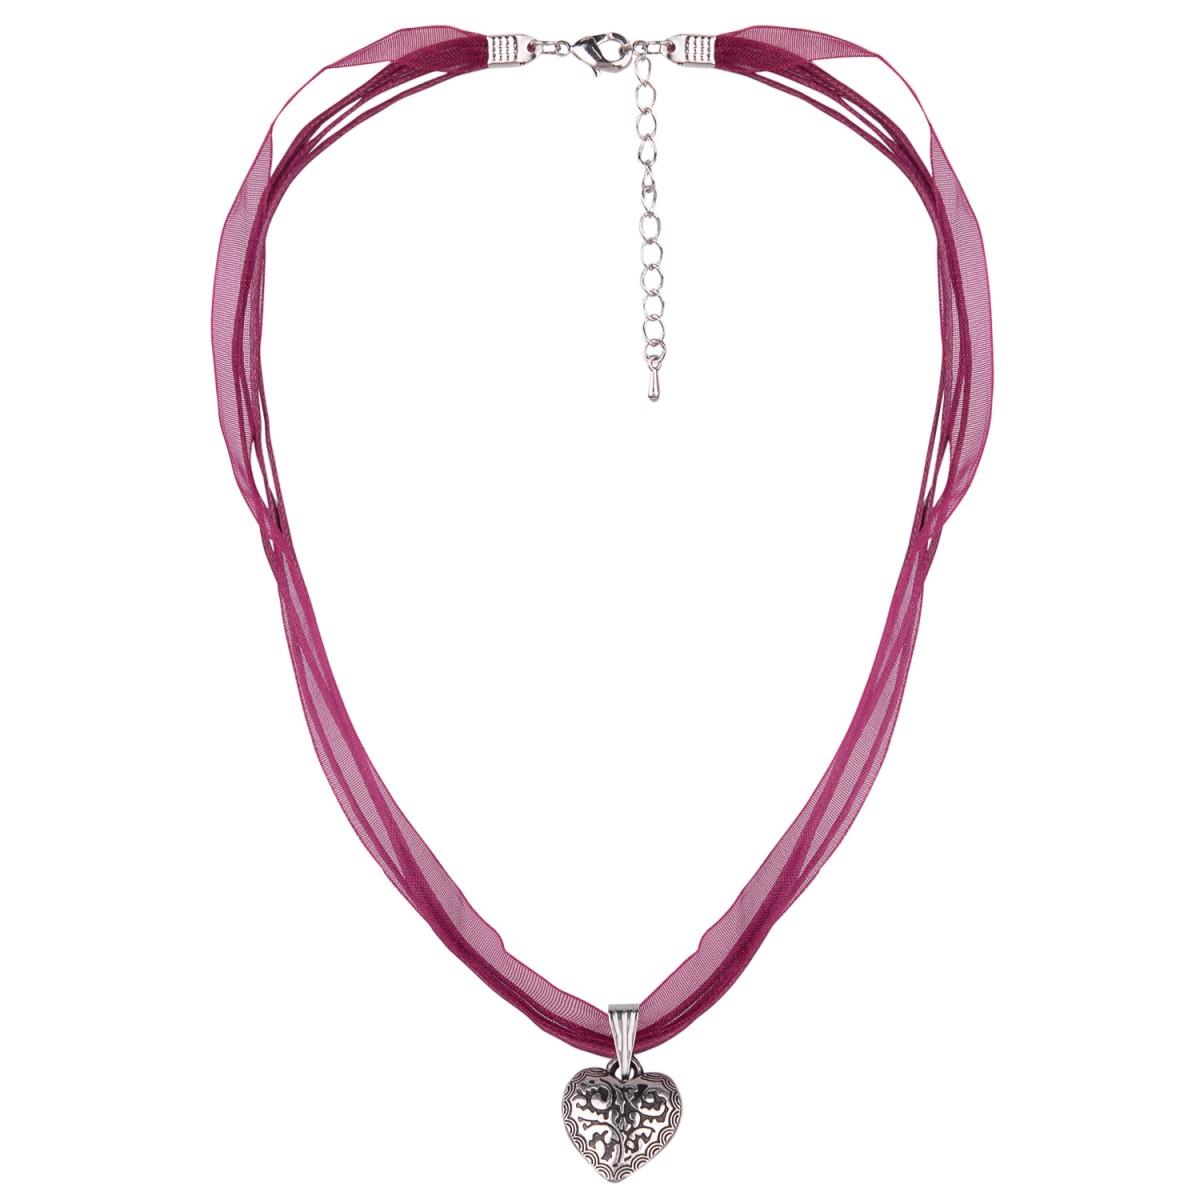 Halskette mit 4 Bändern in Weinrot und Herzanhänger von Schlick Accessoires günstig online kaufen